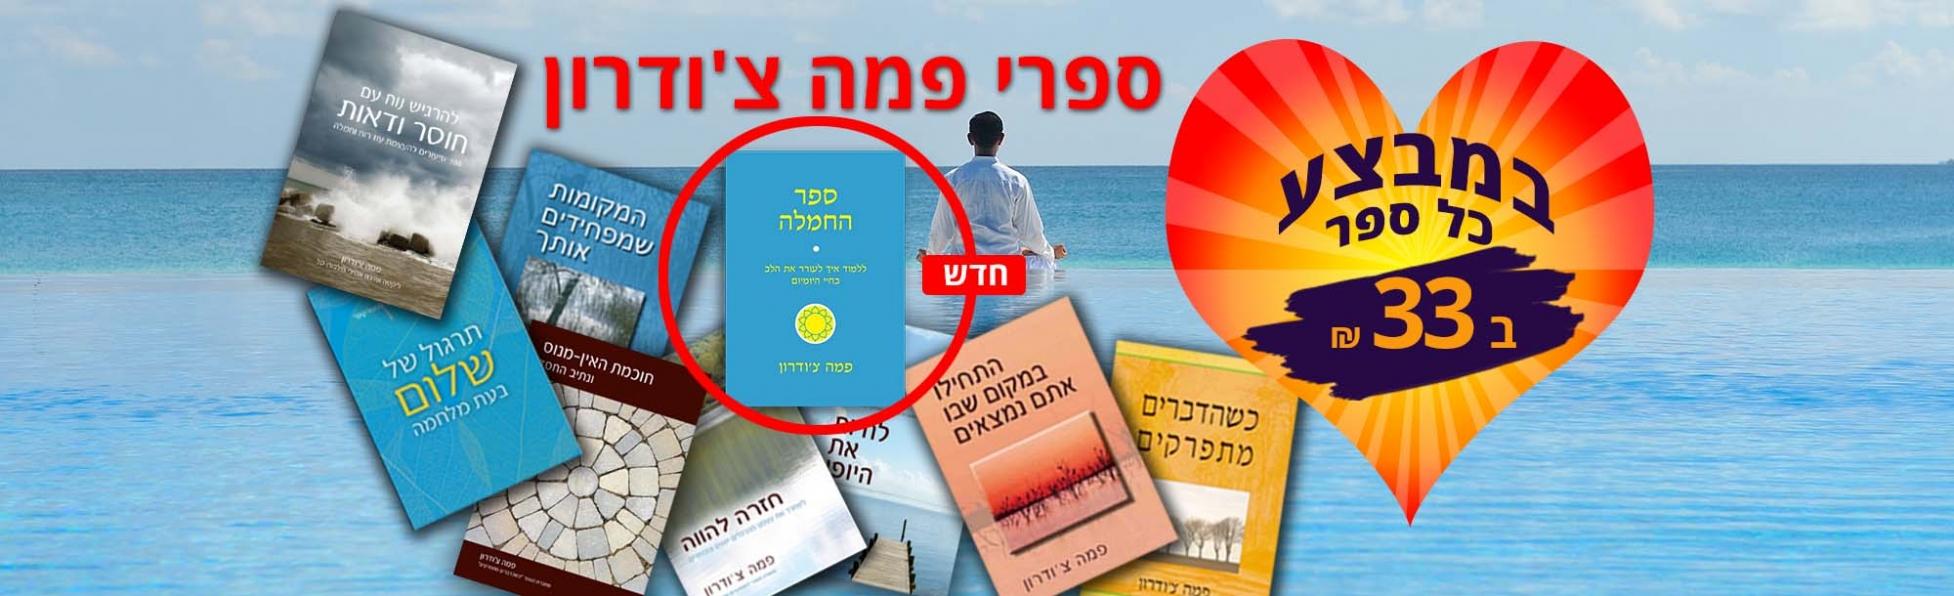 כל ספרי פמה צ׳ודרון במבצע – כל ספר ב₪33